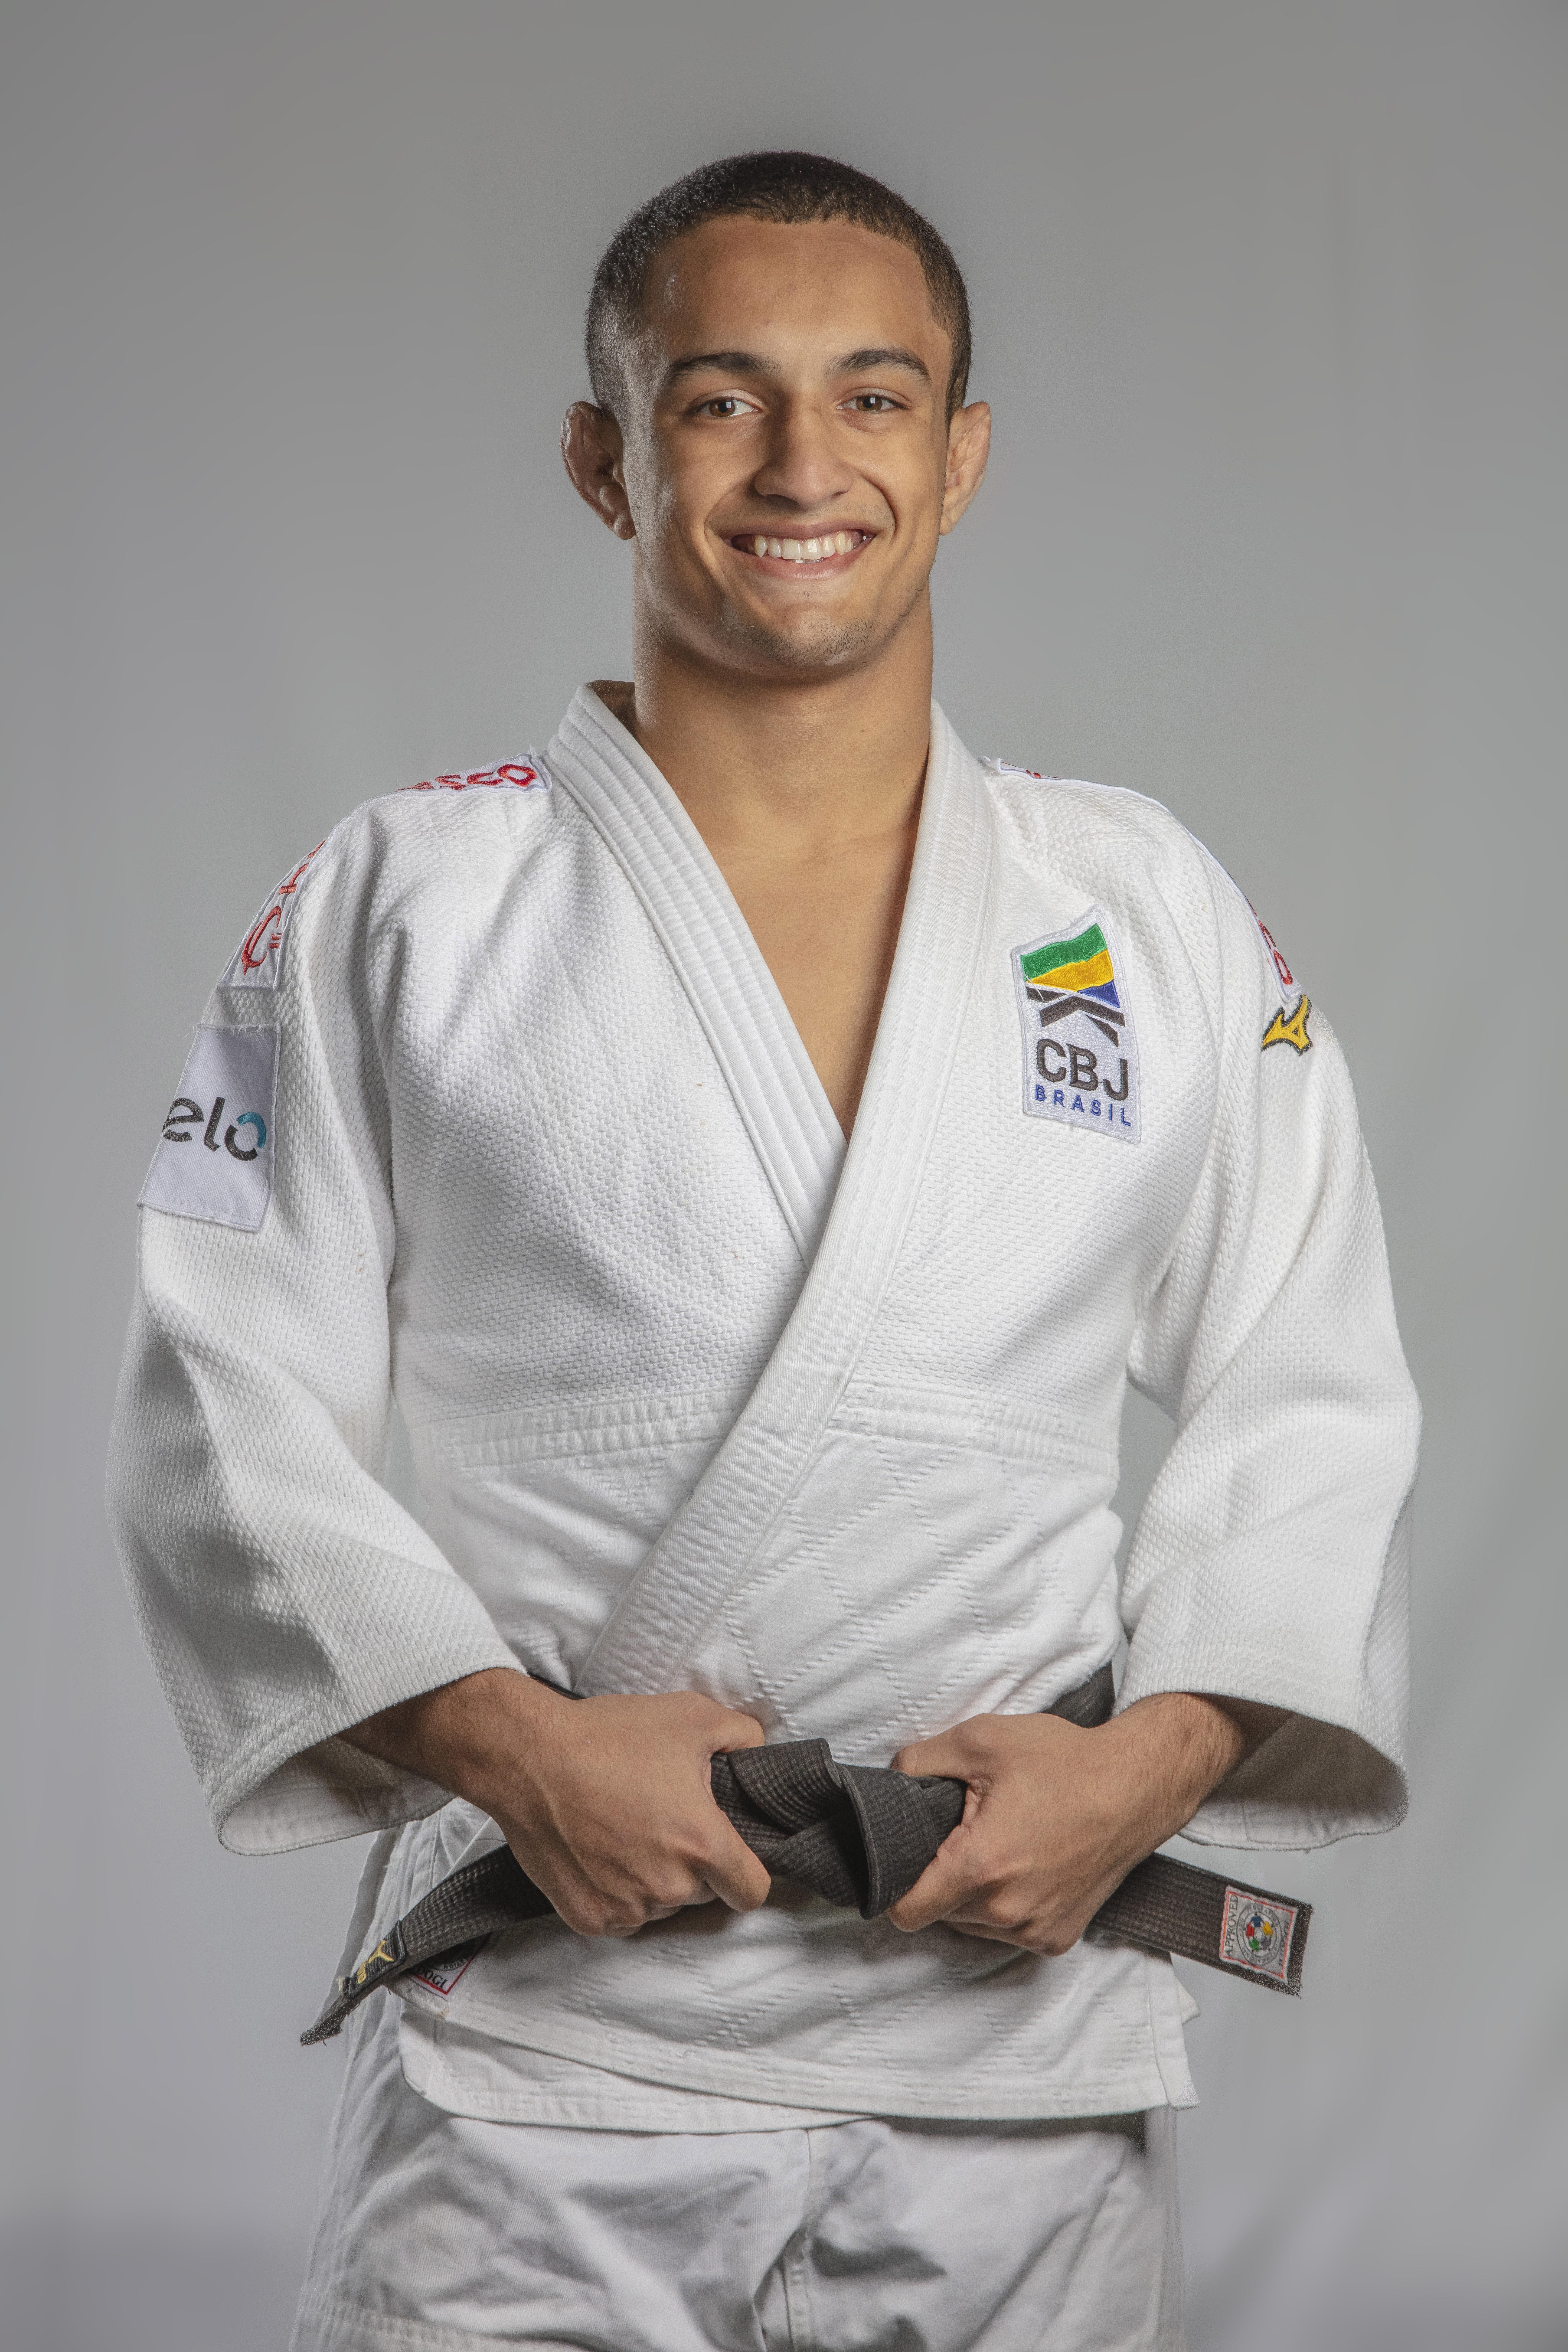 Jeferson Luiz dos Santos Júnior